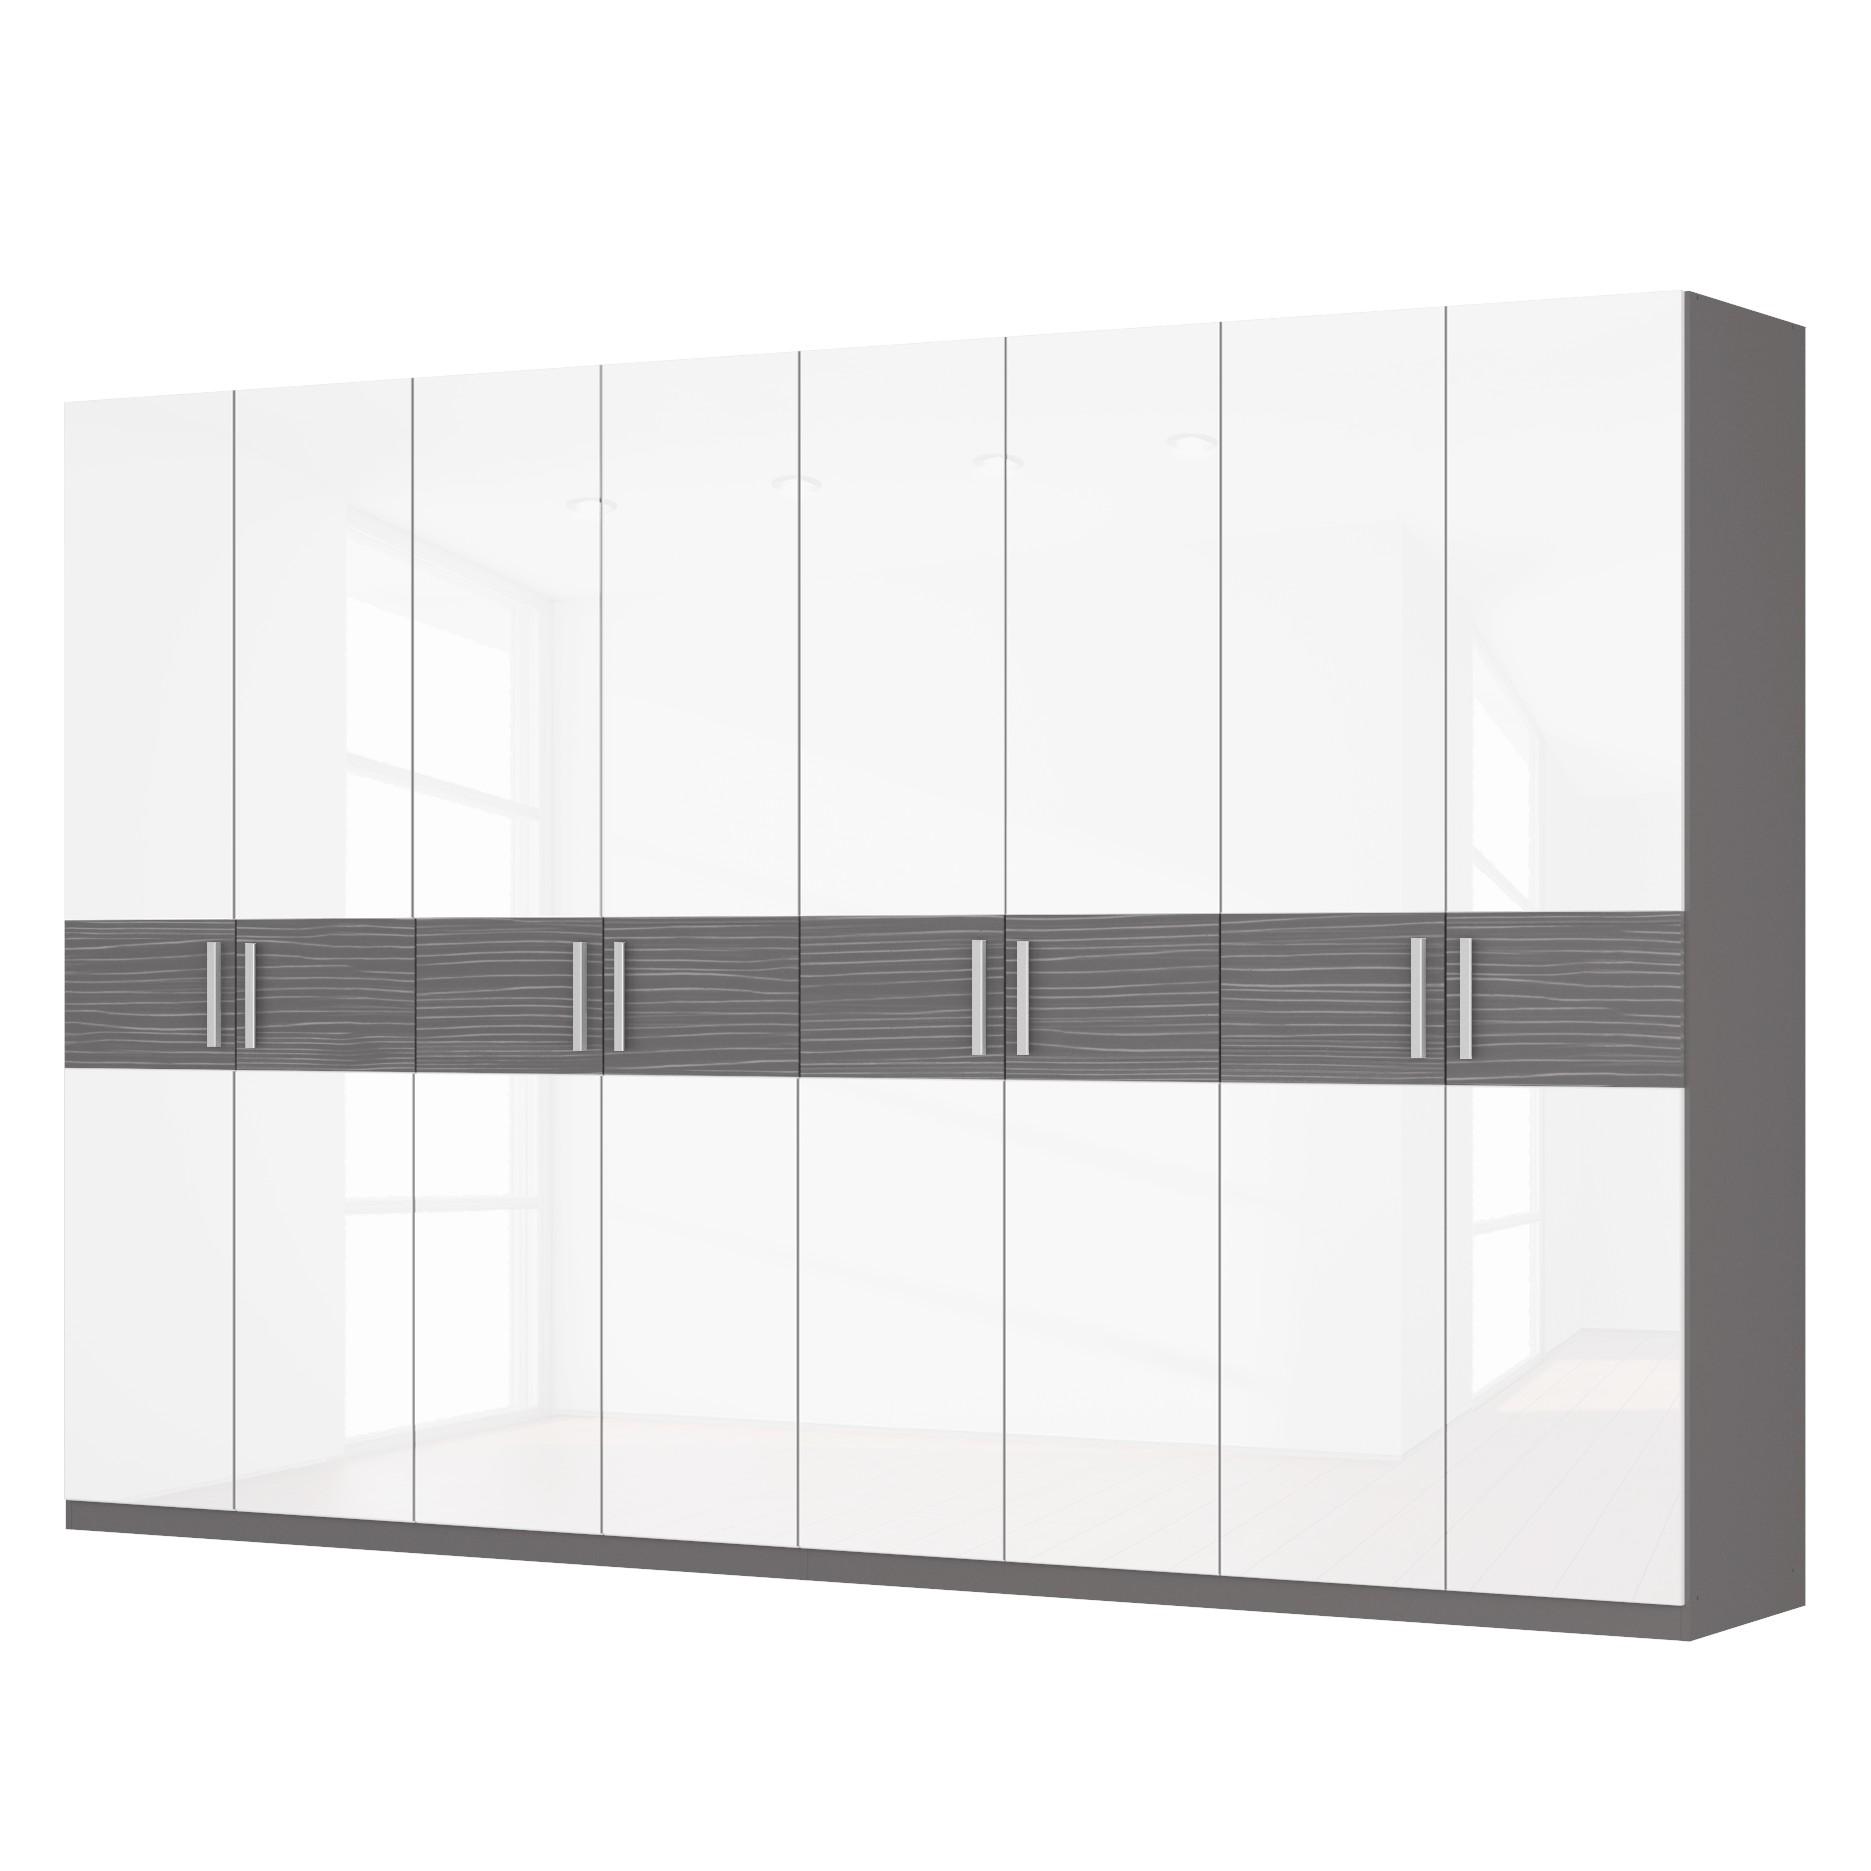 Drehtürenschrank SKØP III – Hochglanz Weiß/ Strukturholz Graphit – 360 cm (8-türig) – 236 cm – Comfort, SKØP günstig kaufen